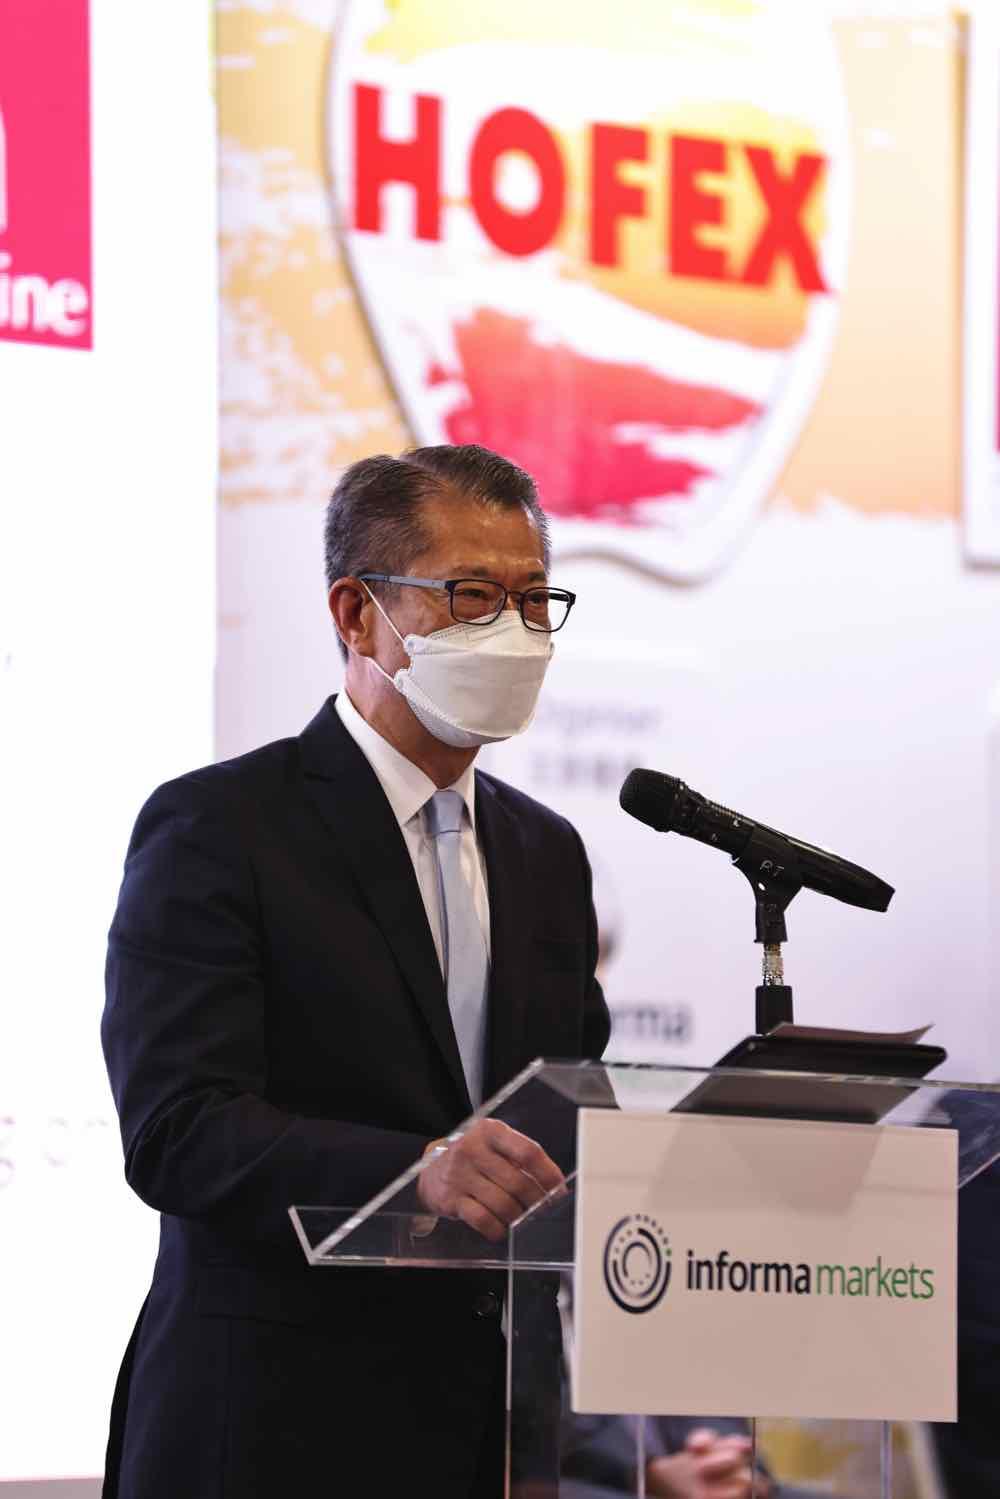 4 大業內展覽匯聚亞洲貿易中心  餐飲烈酒零售有機產品共治一爐